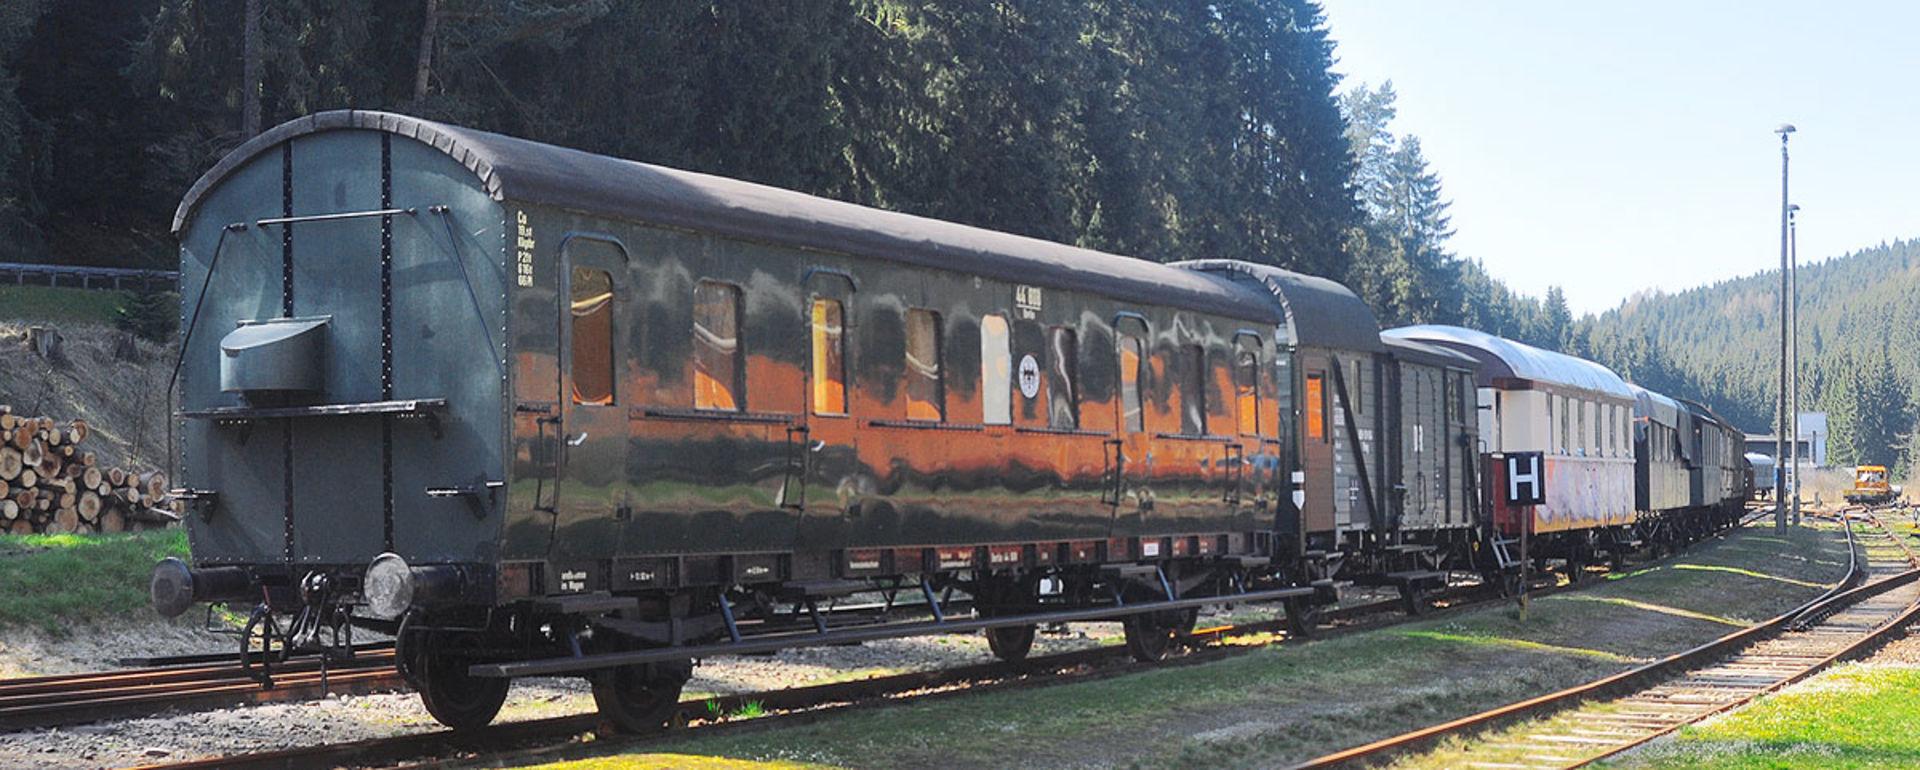 Hitorische Wagen des FV Historische Westsächsische Eisenbahn.  © Rotkopf Görg Verlagsgesellschaft mbH - A Linz